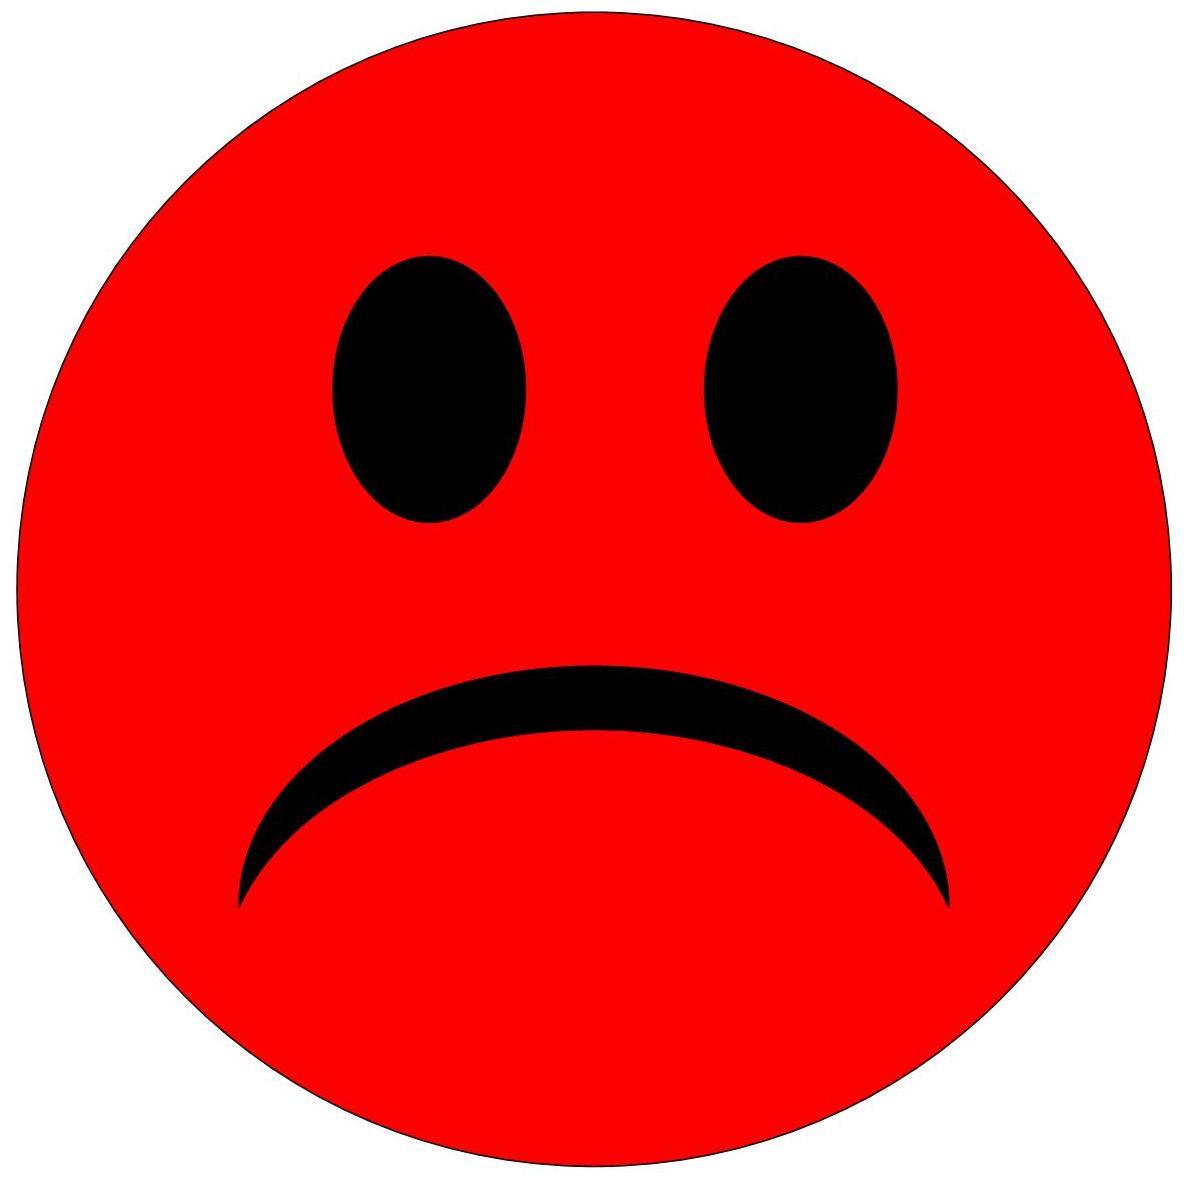 www sad face images clipart best happy clip art pictures free happy clip art pictures free